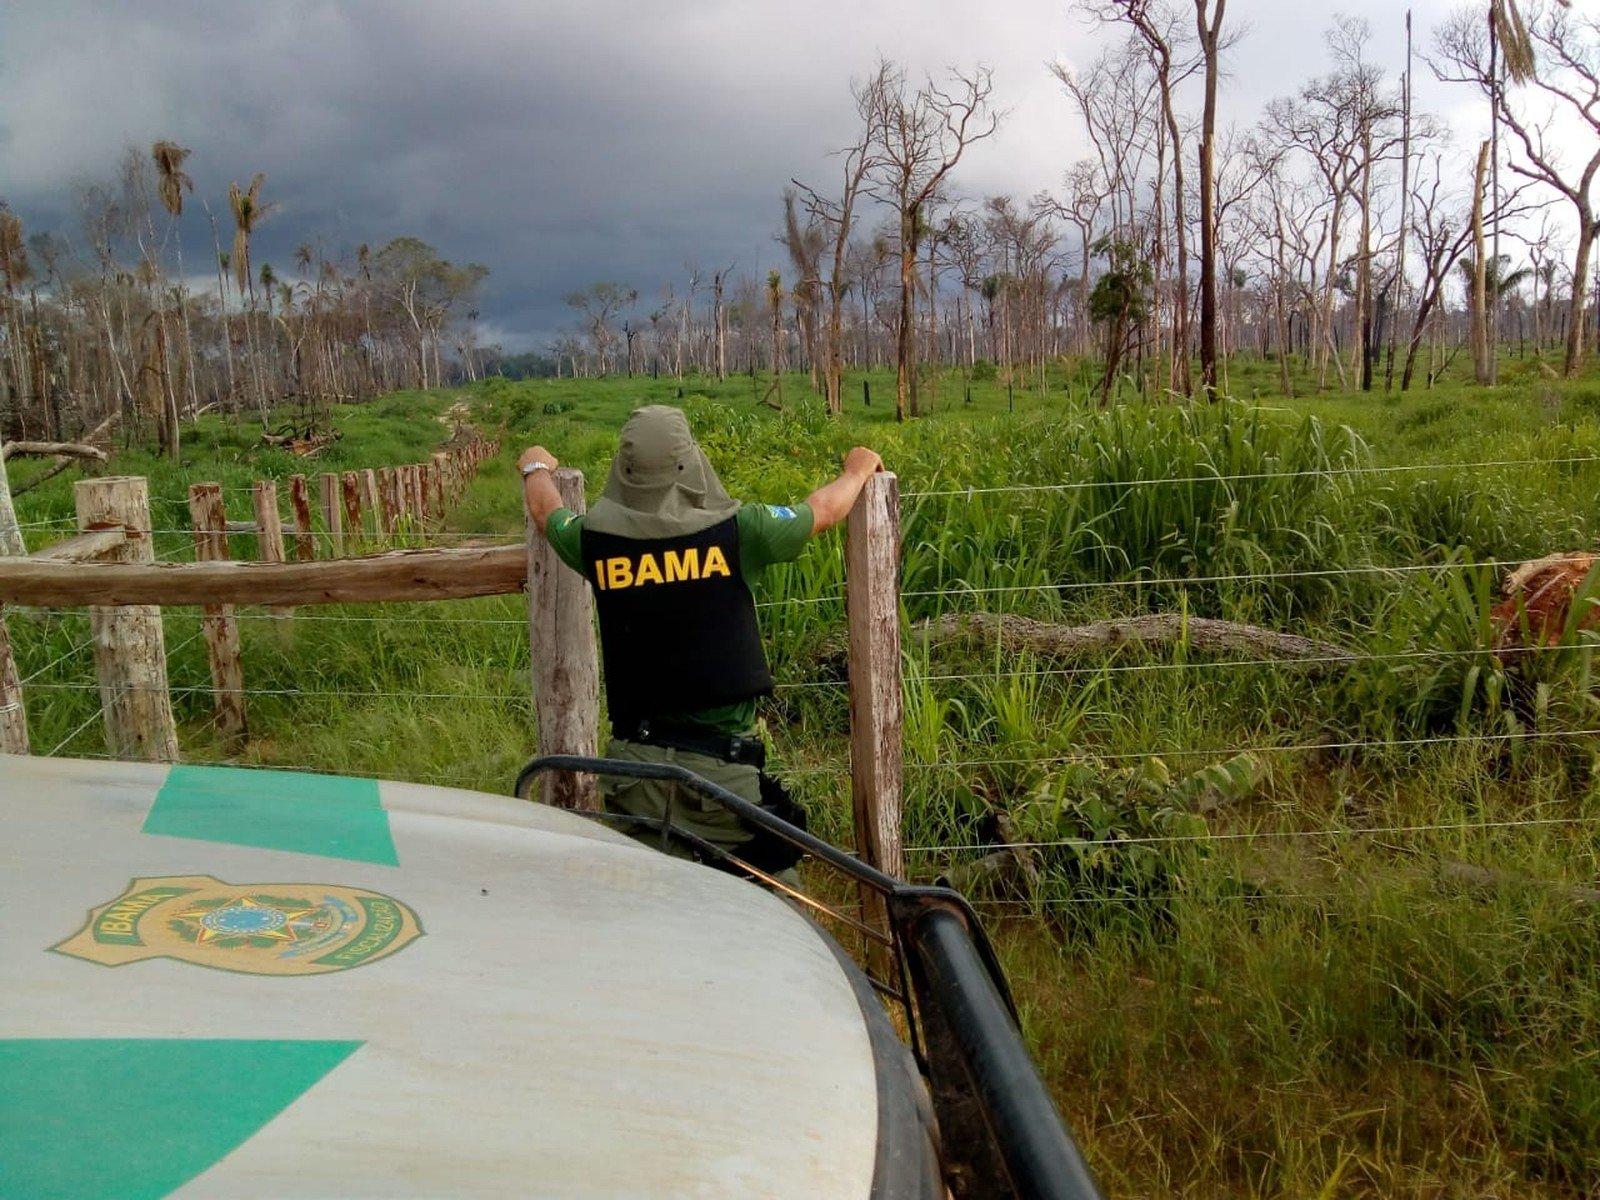 Ibama embarga 8 mil hectares desmatados em MT e aplica quase R$ 40 milhões em multas